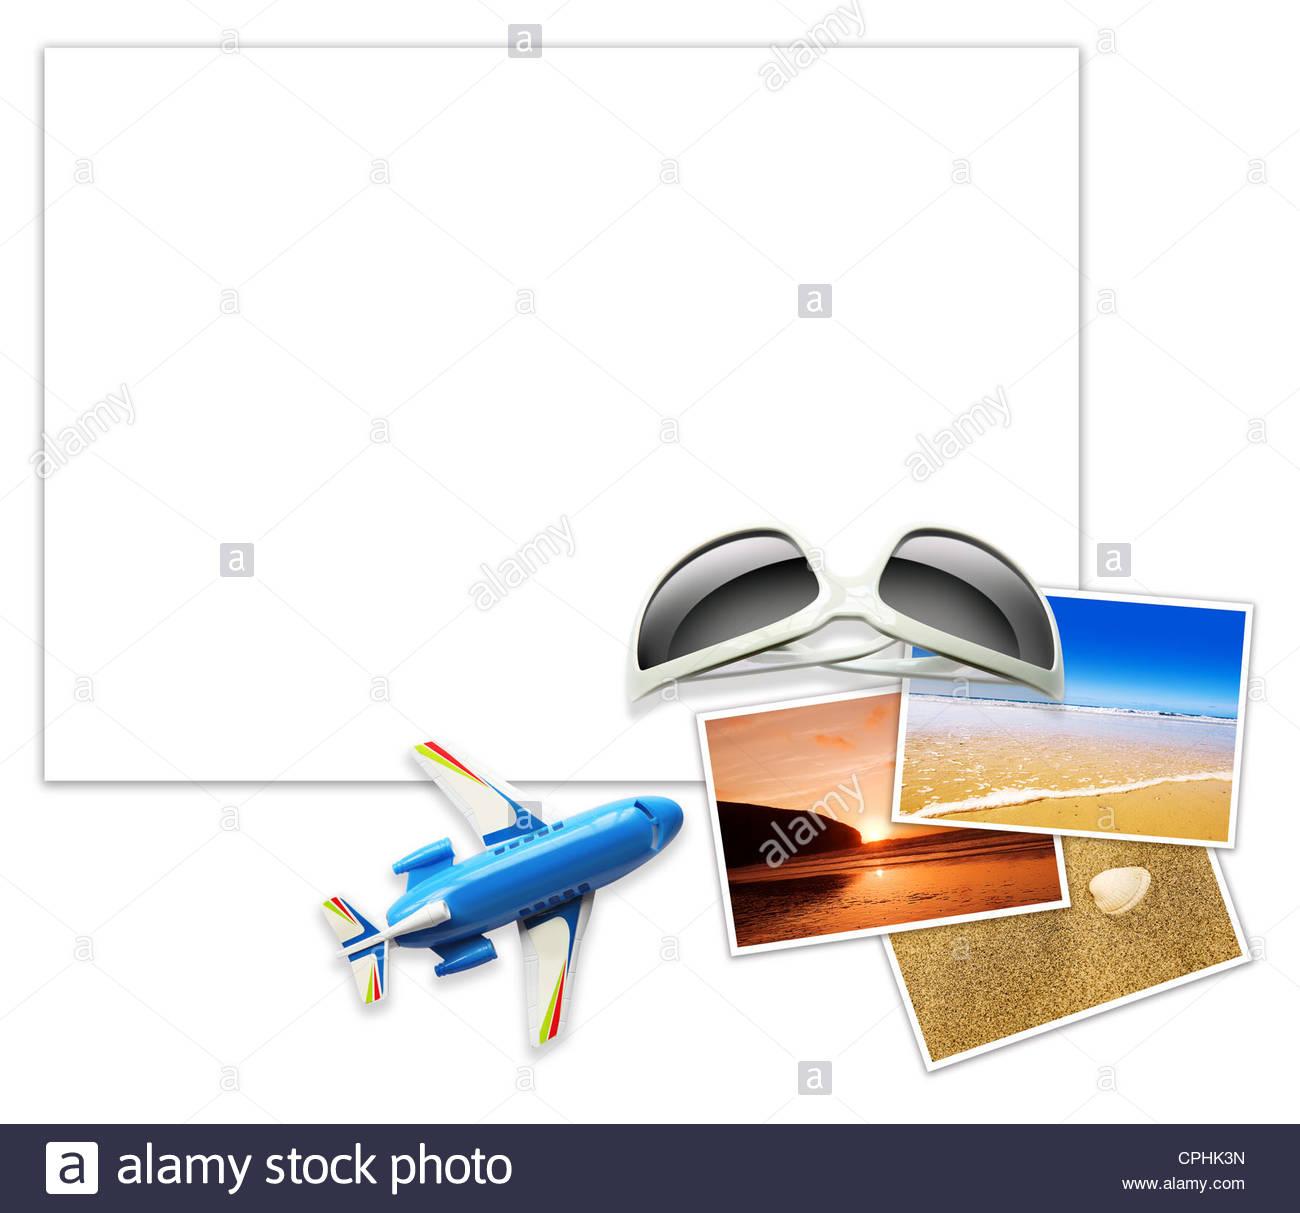 Urlaub Vorlage Stockfoto, Bild: 48331353 - Alamy